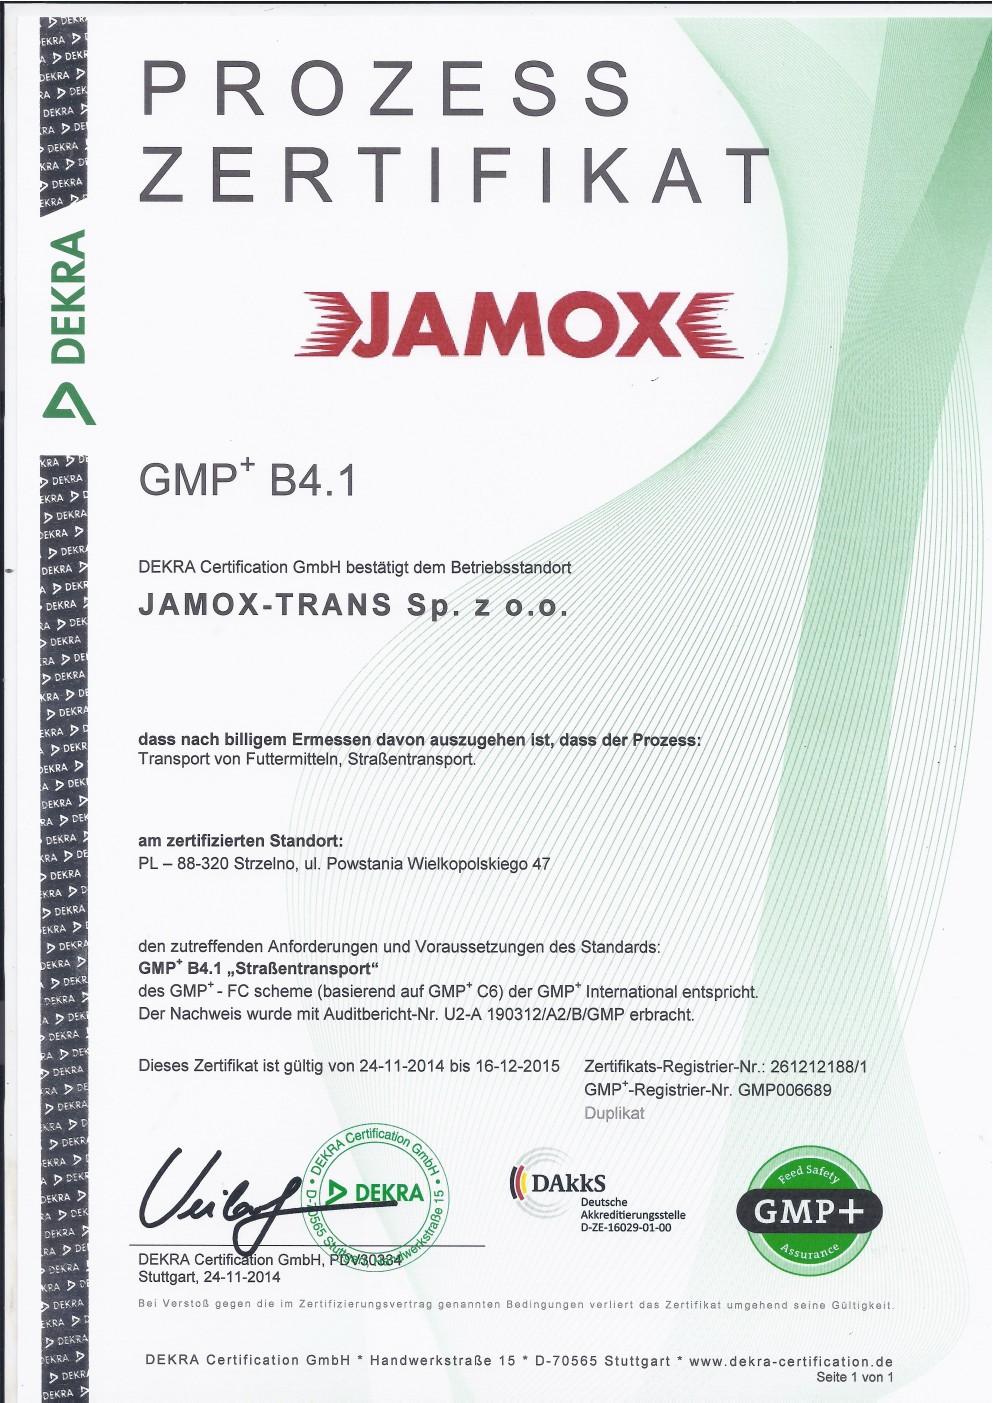 http://jamox.eu/wp-content/uploads/2019/05/gmp_de.jpg